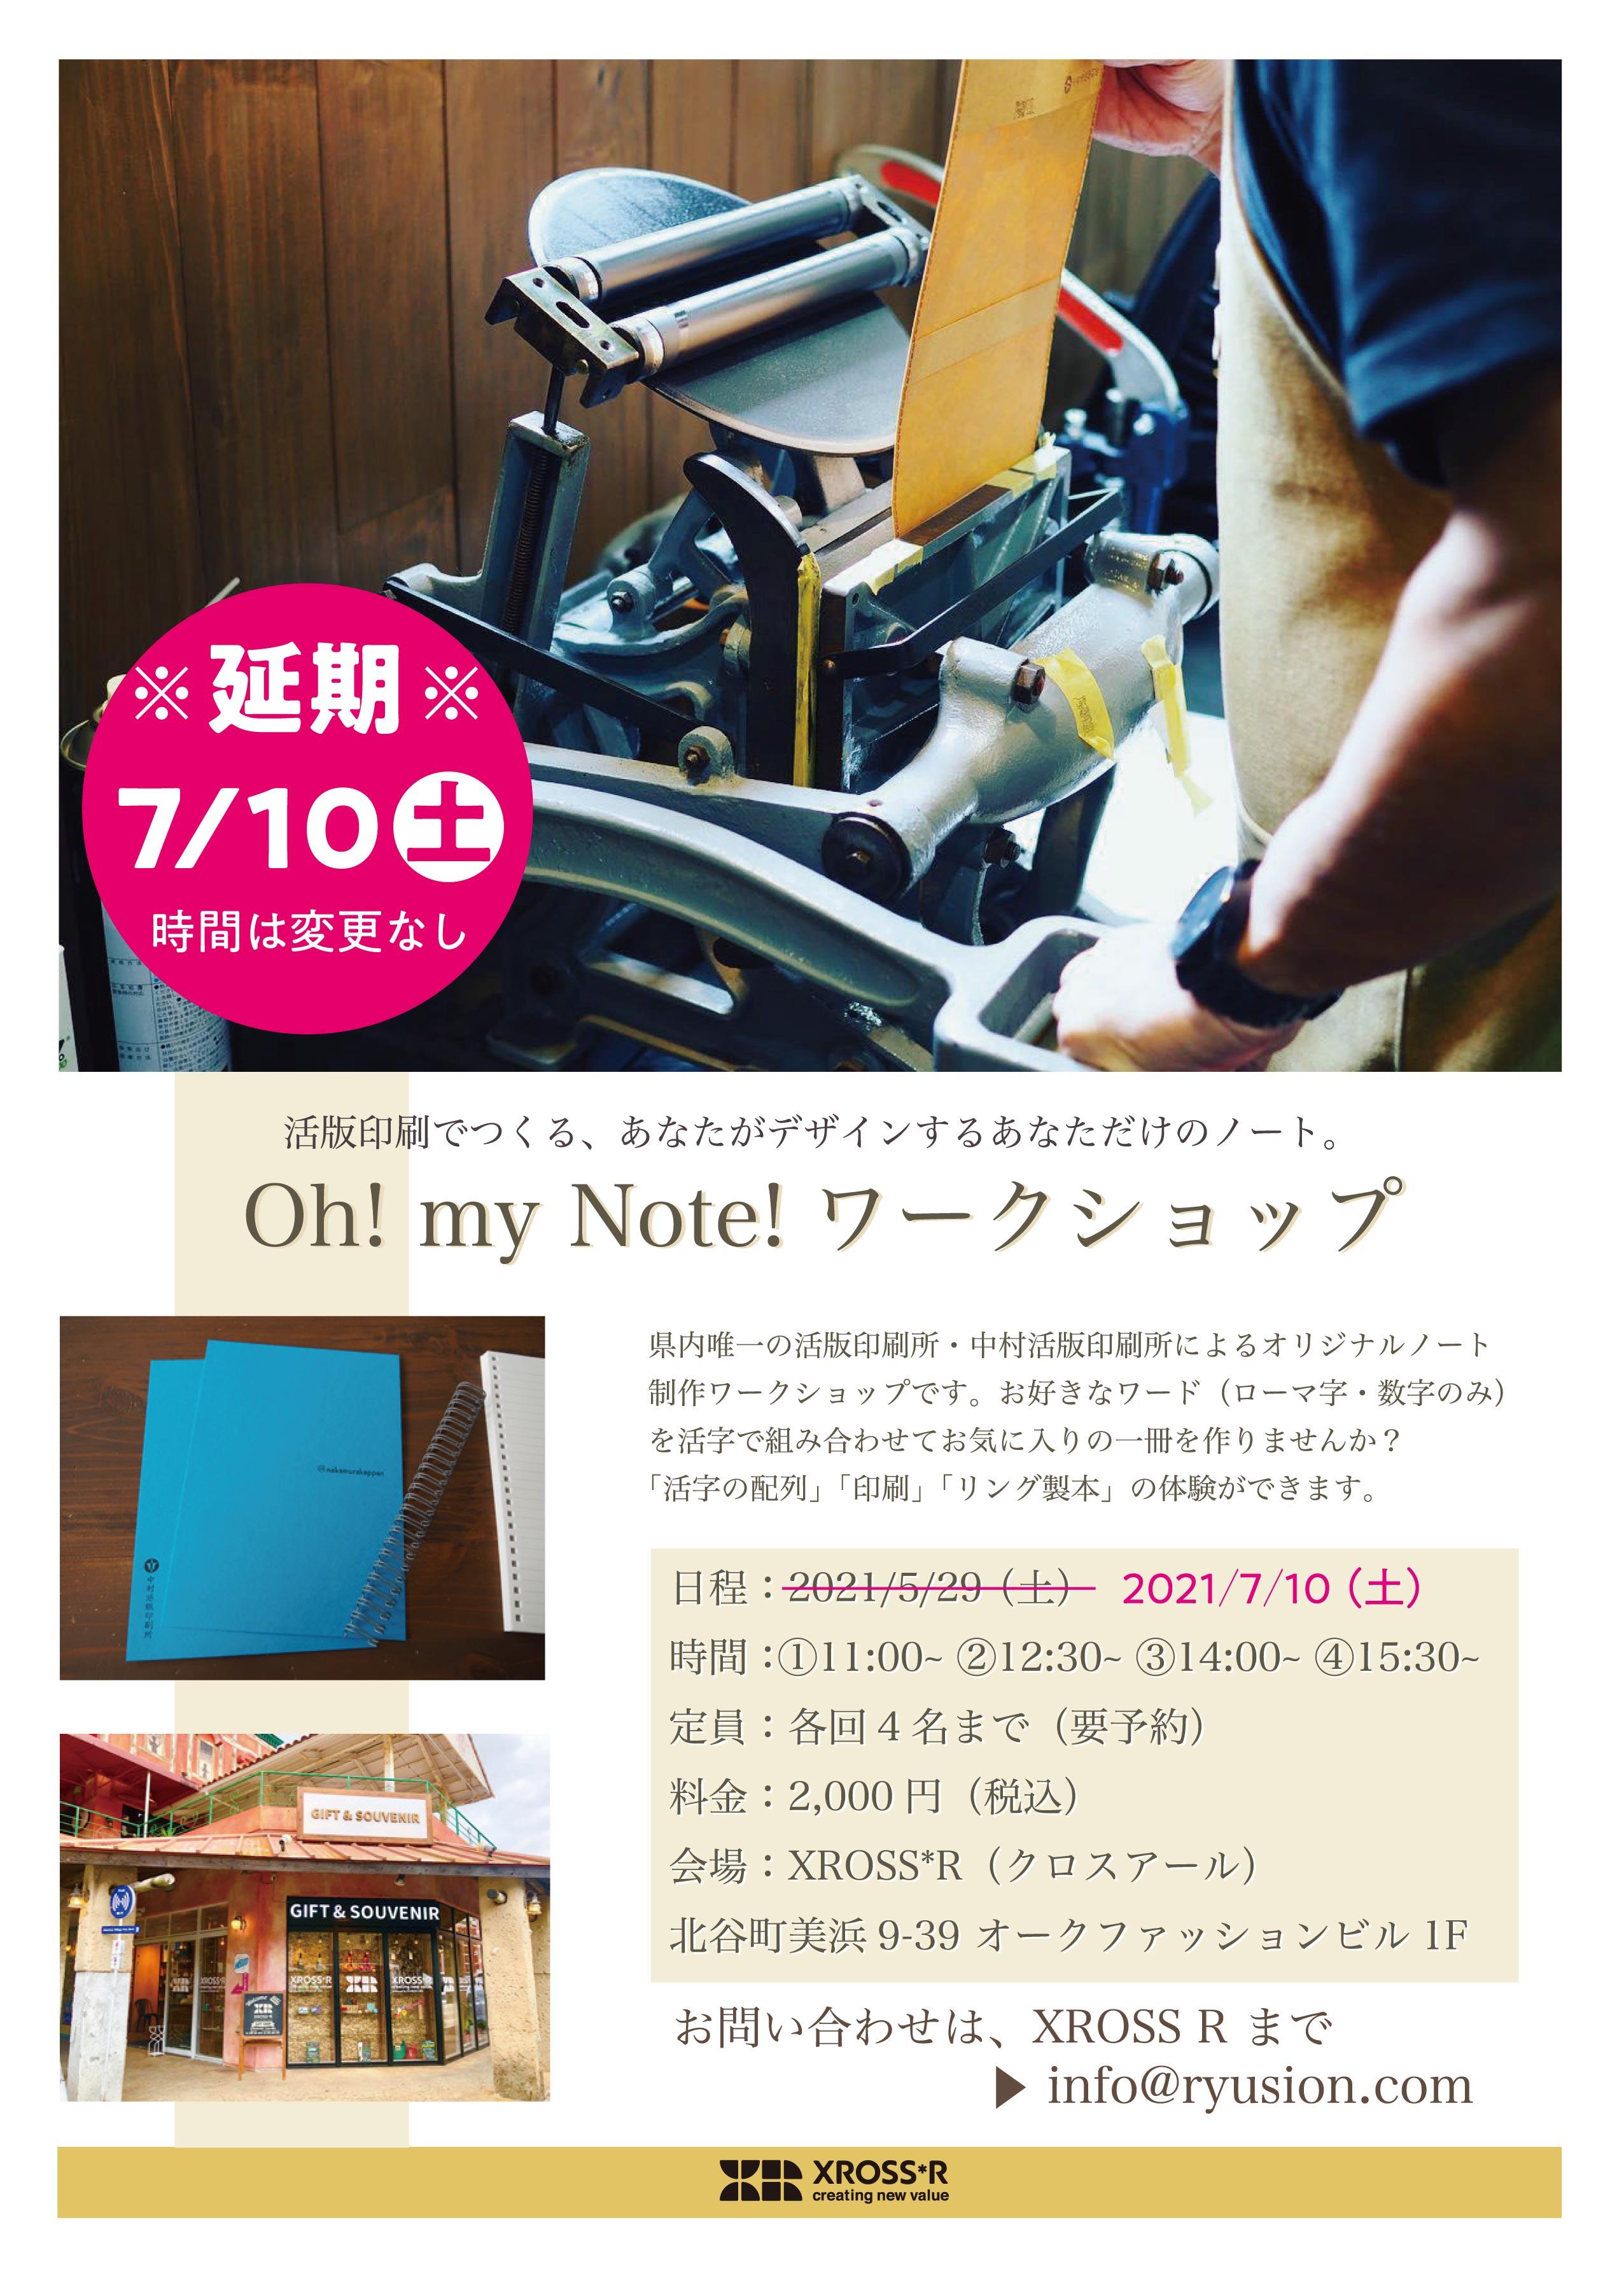 【7/10に開催延期】活版印刷でつくる、あなたがデザインするあなただけのノート